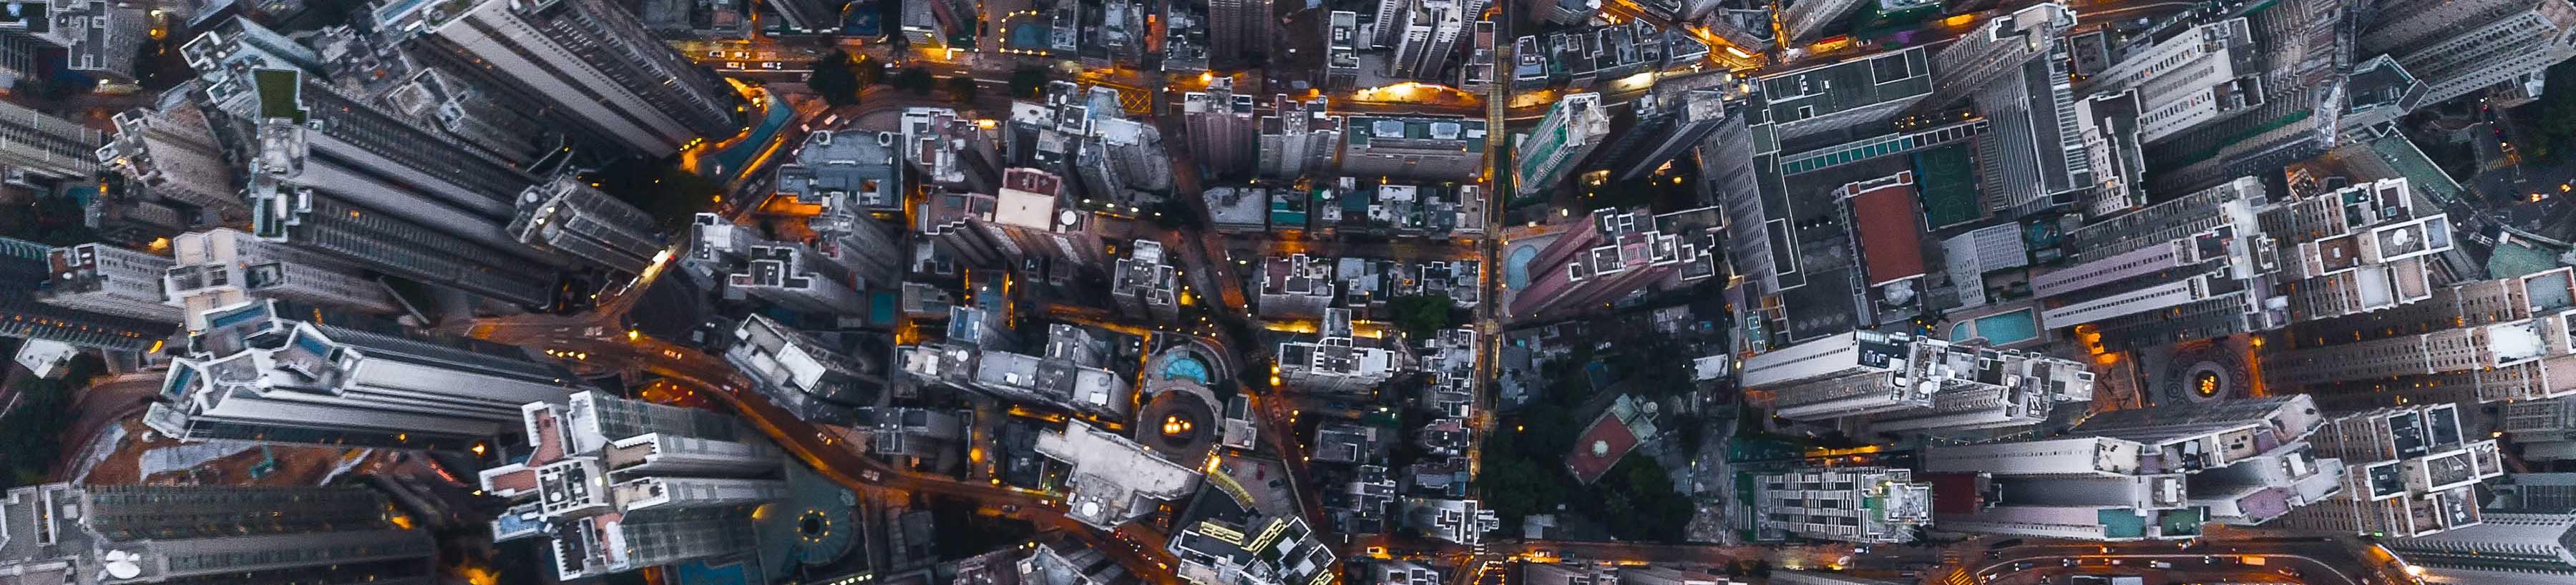 Pékin, Shanghai, Hong Kong, Guangzhou, les magnifiques villes de Chine